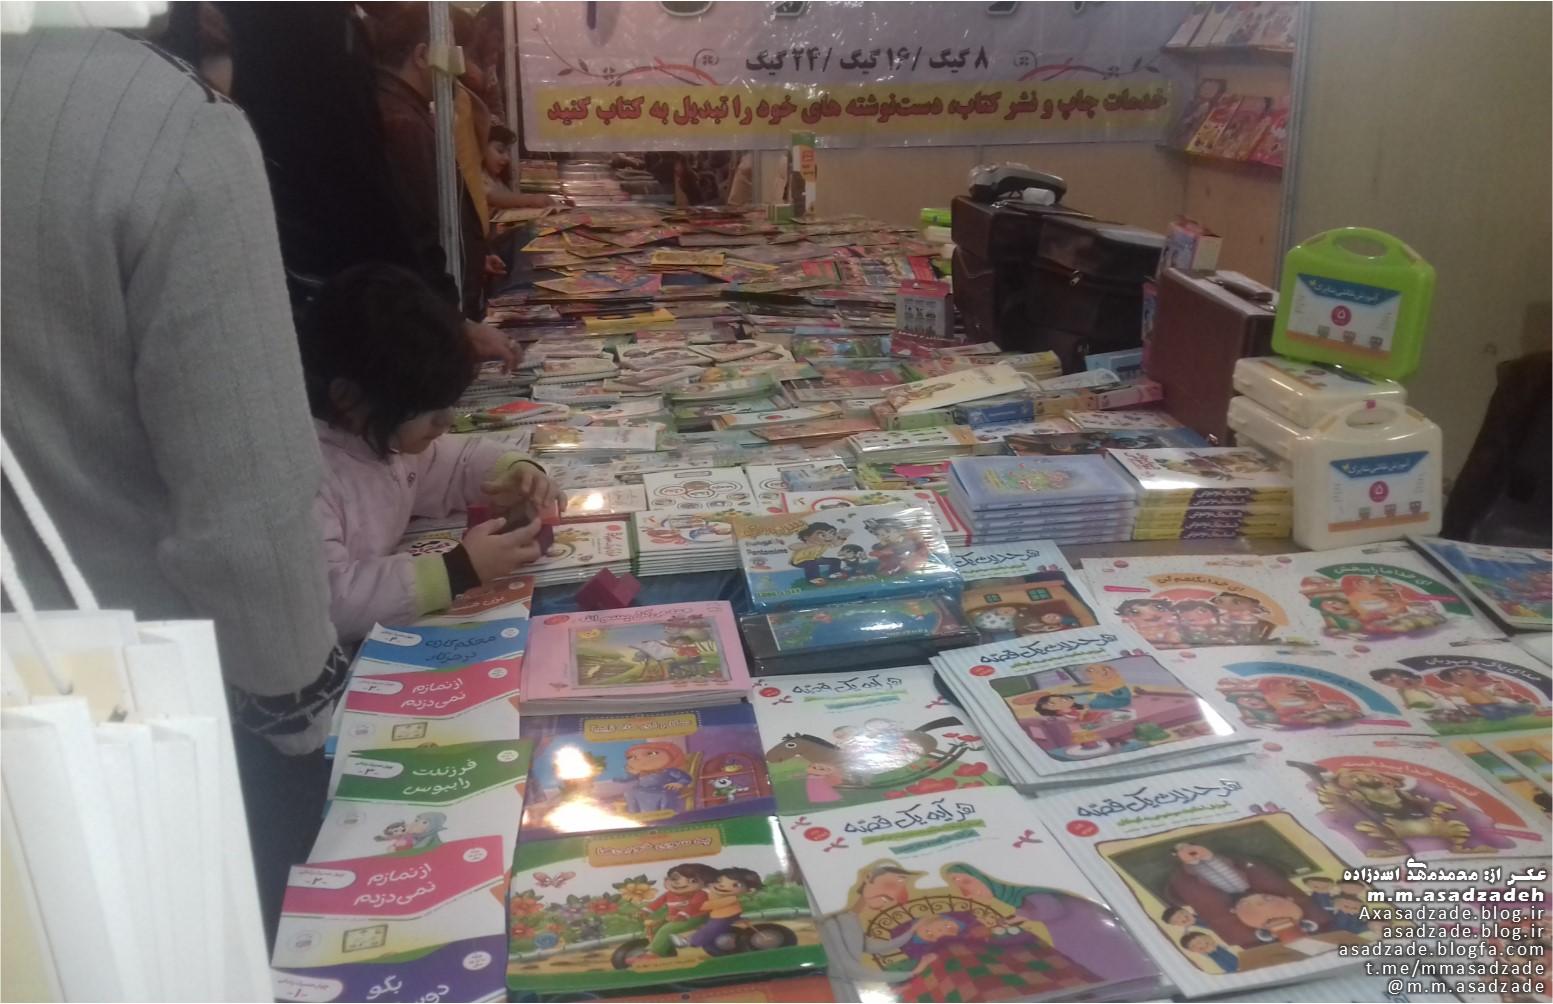 شانزدهمین نمایشگاه کتاب شیراز